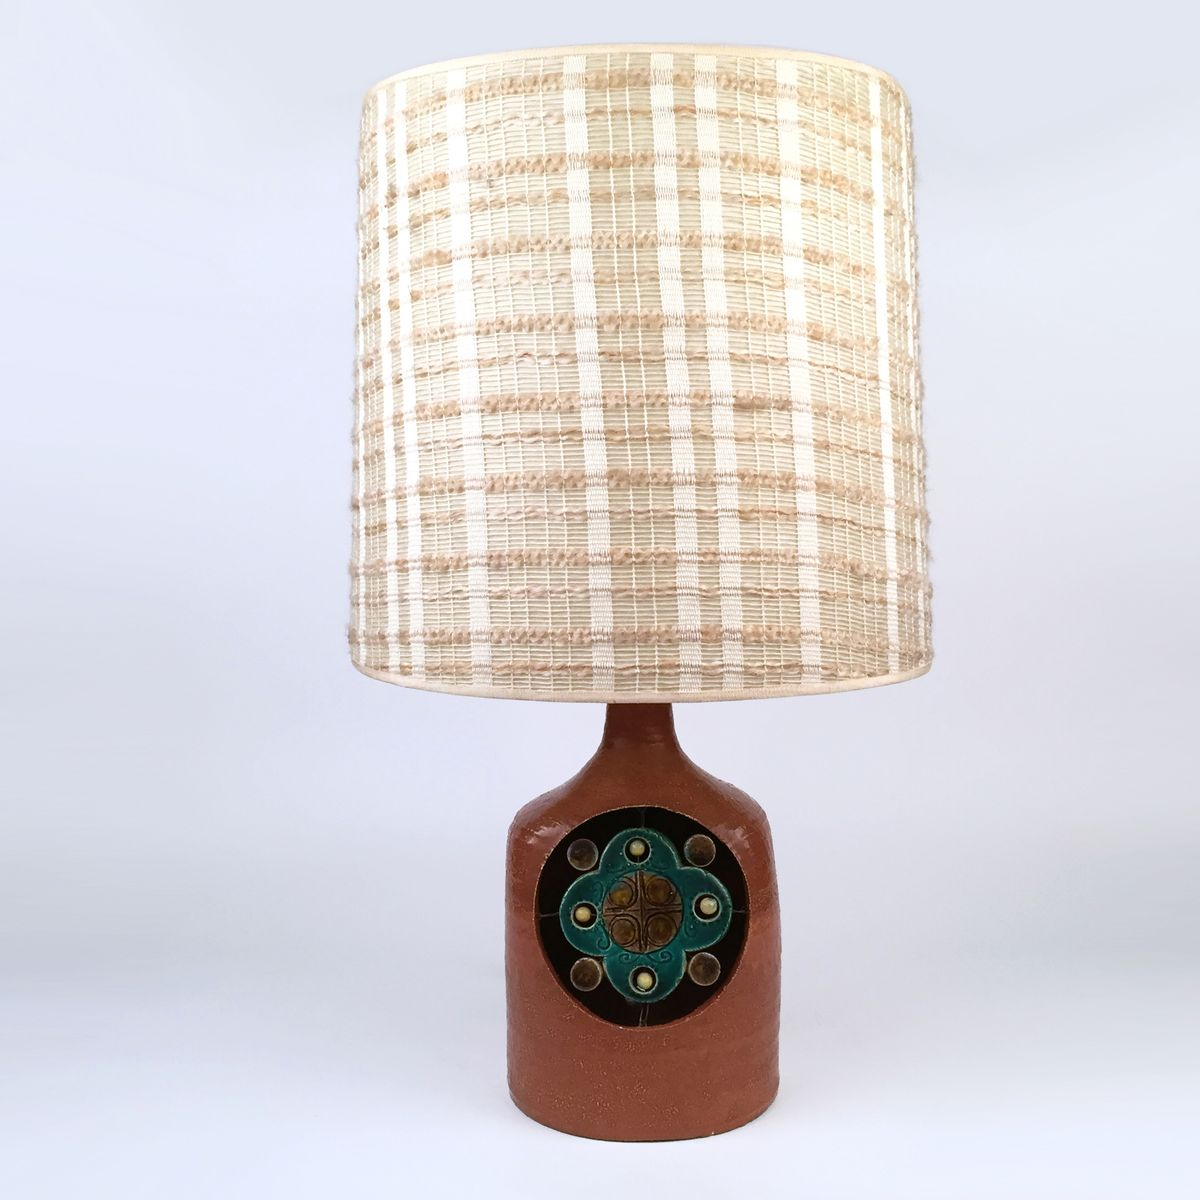 Vintage Keramiklampe von Georges Pelletier